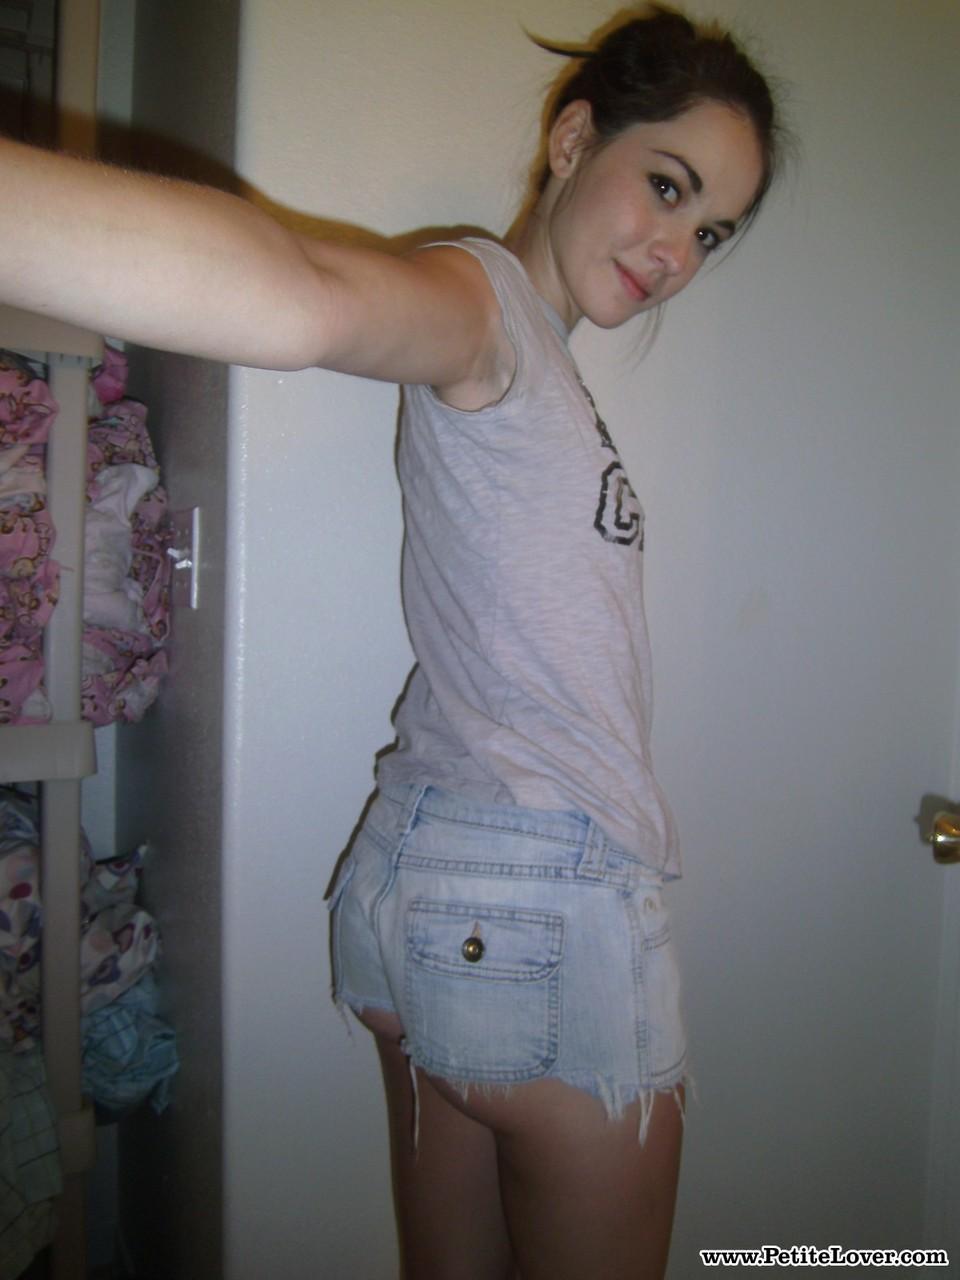 Брюнетка позирует перед зеркалом в гардеробной комнате и фотографирует обнаженное тело в разных позах